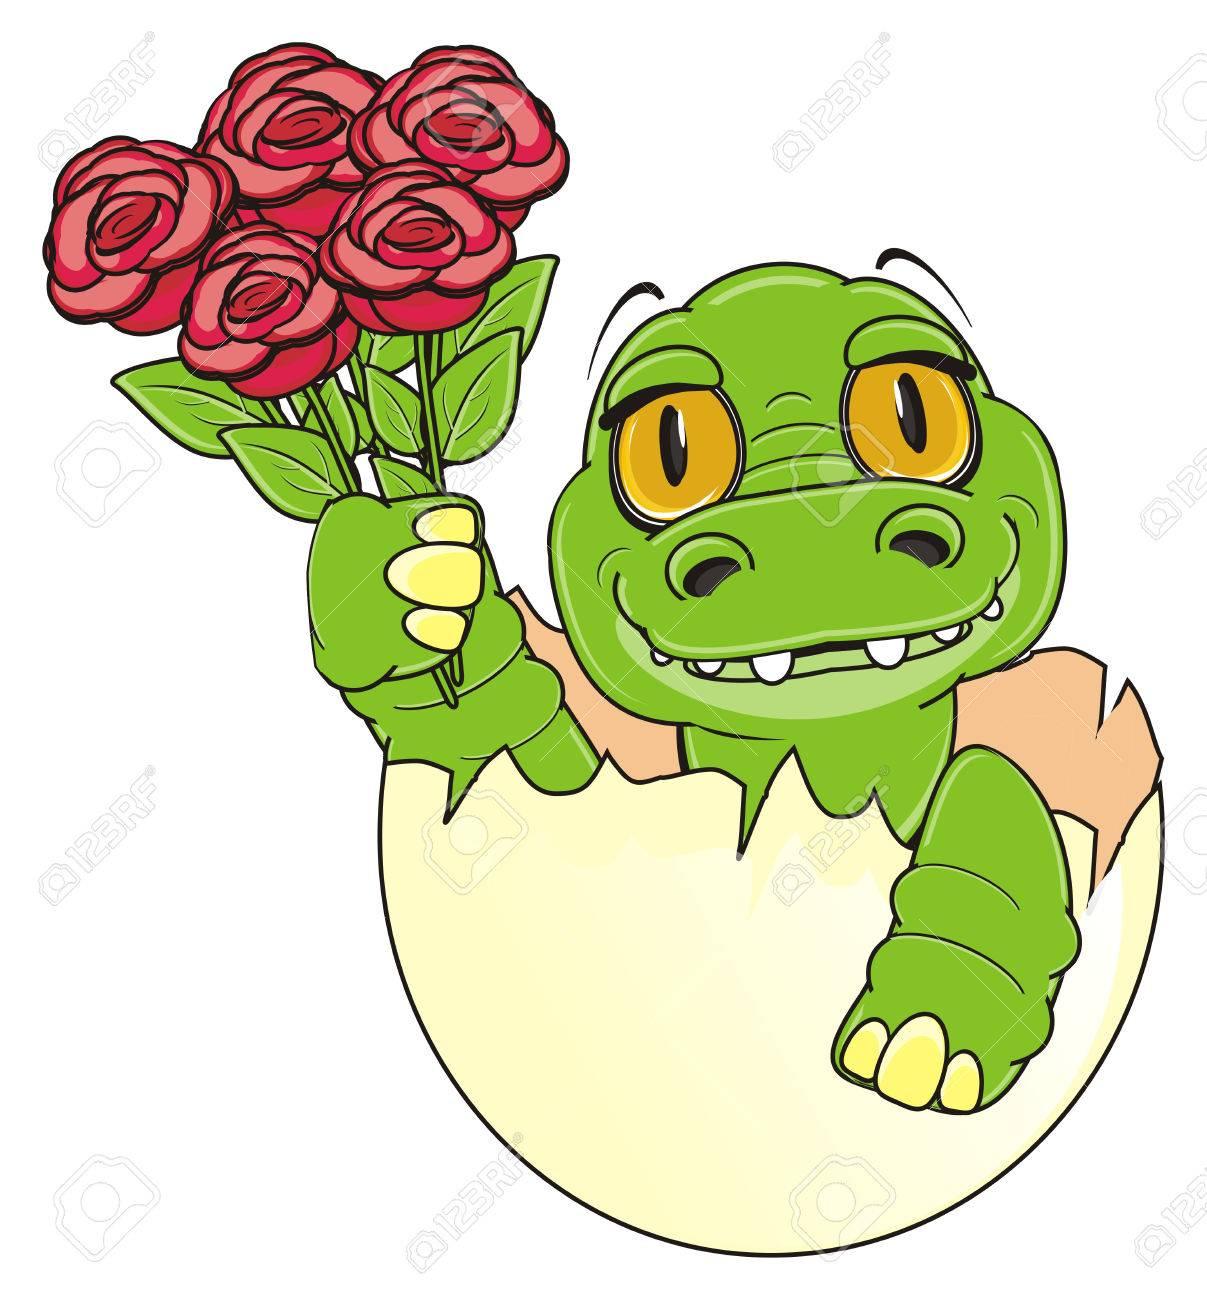 Pequeño Cocodrilo Se Sienta En El Huevo Y Mantenga Unas Rosas Rojas